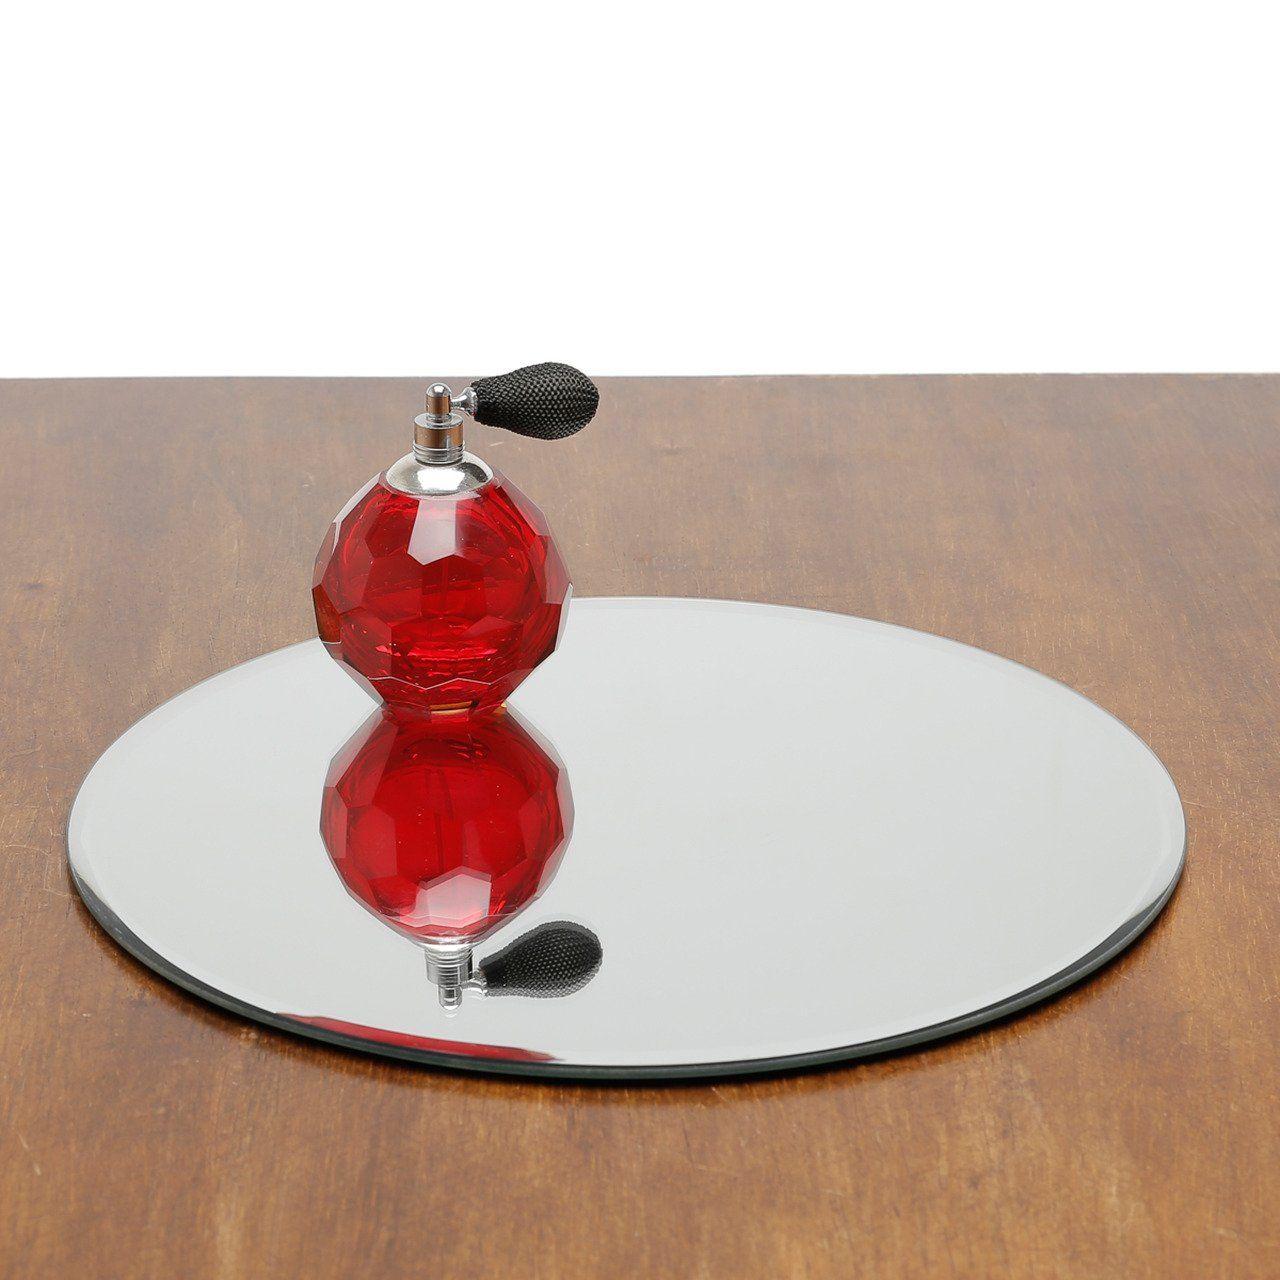 Base, Suporte 30 cm com espelho prateado Prestige - 2868